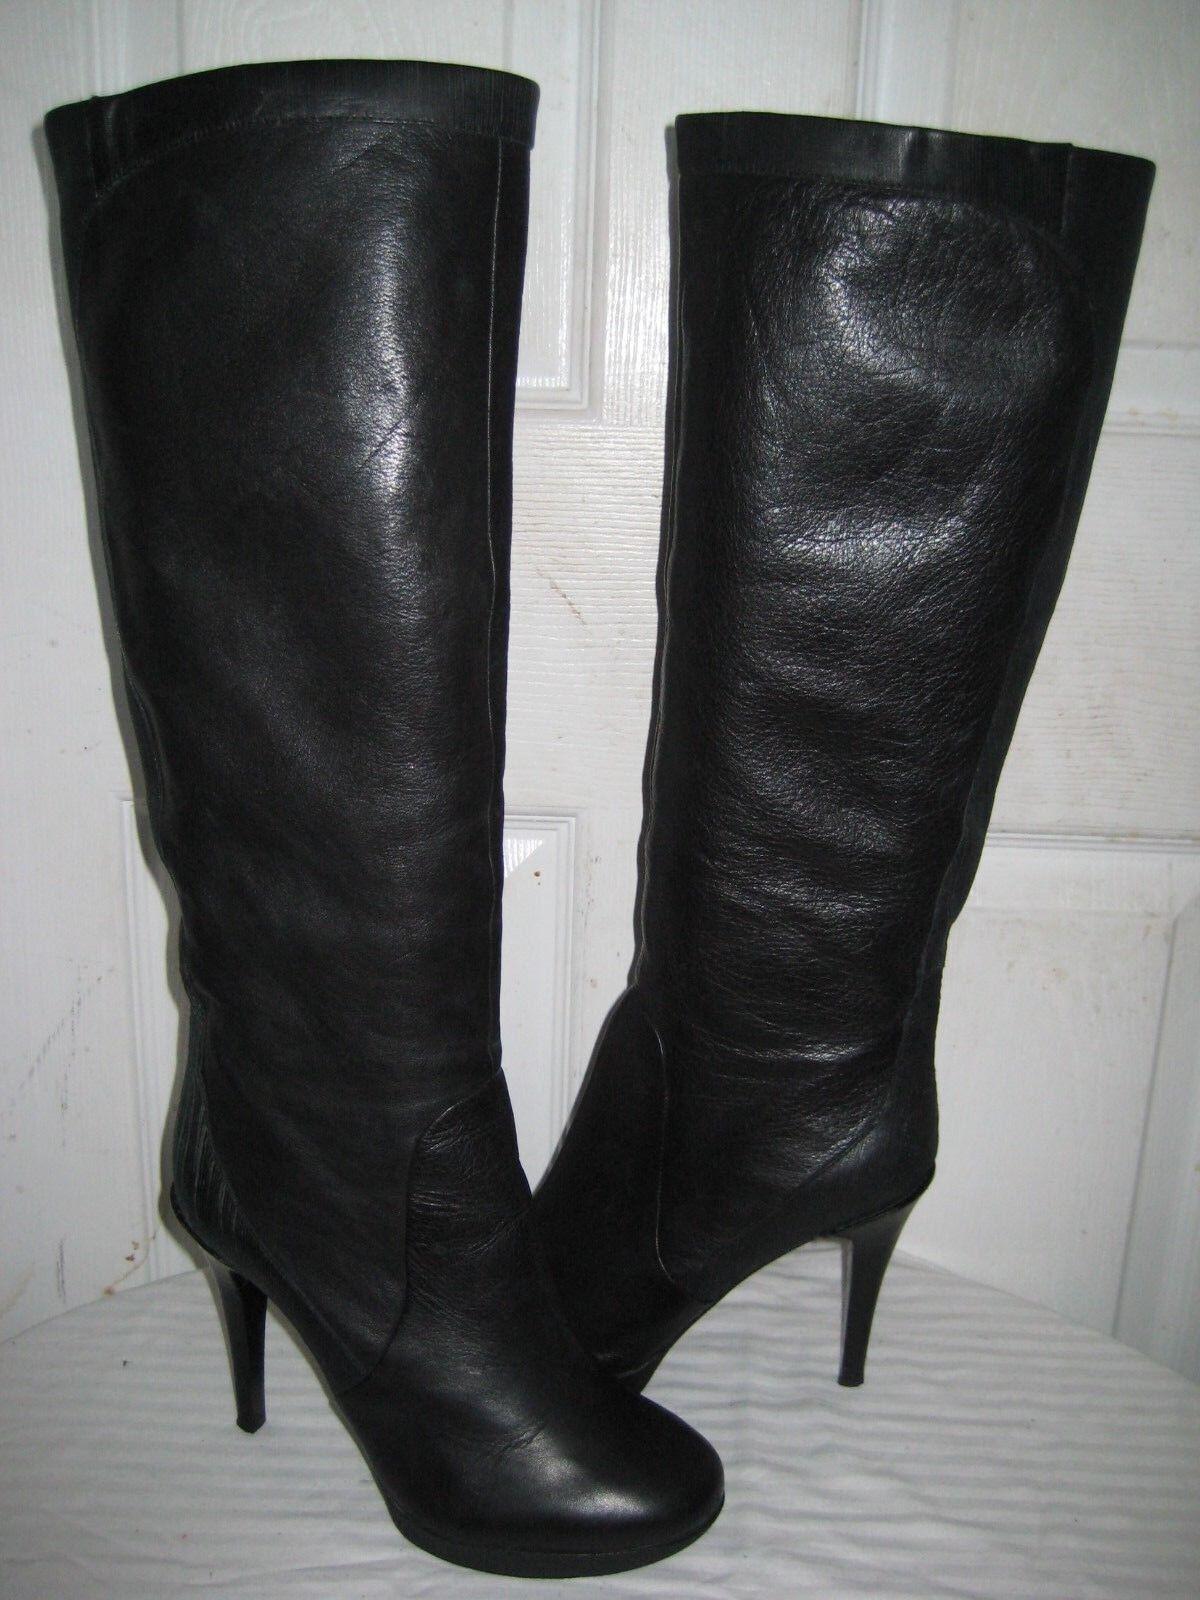 nuevo listado Modern Vintage Noelle Cuero Negro botas a la rodilla rodilla rodilla hign mujer zapatos  7.5  Ahorre hasta un 70% de descuento.